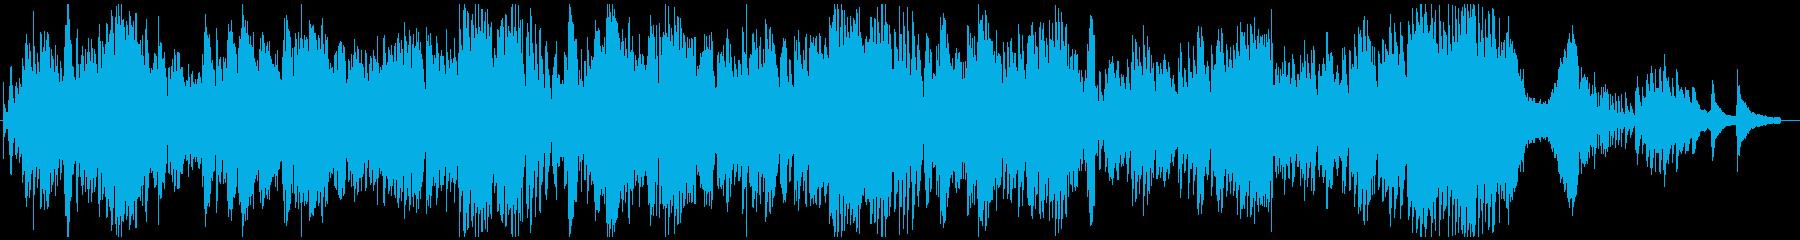 ショパン作曲 ノクターン第2番 変ホ長調の再生済みの波形